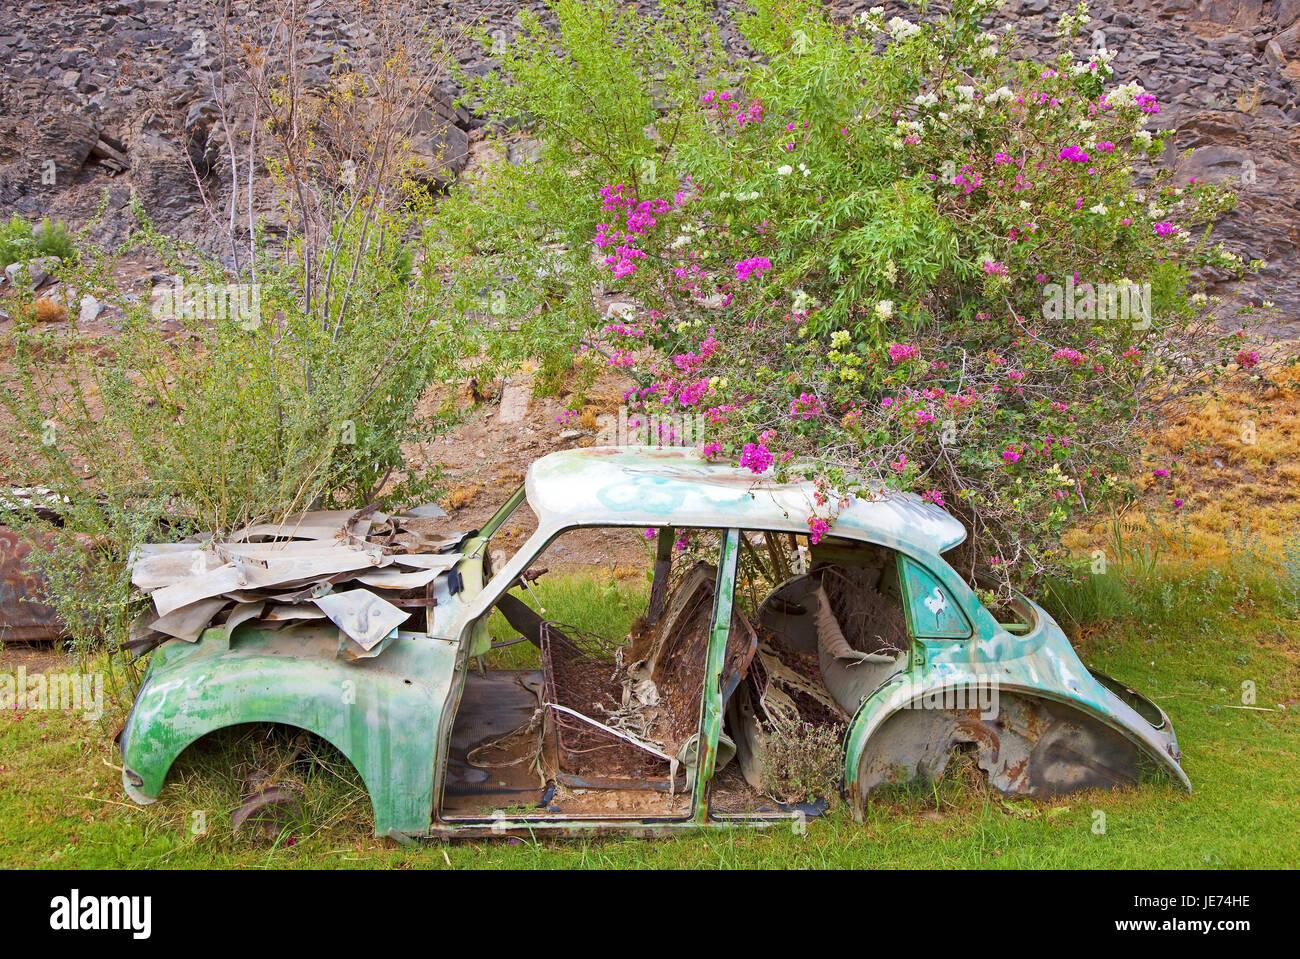 Sudáfrica, Namaqualand, Vioolsdrif, chatarra, vehículos, paisajes, inclinación de piedra, encarnada, arbustos, flores, Foto de stock